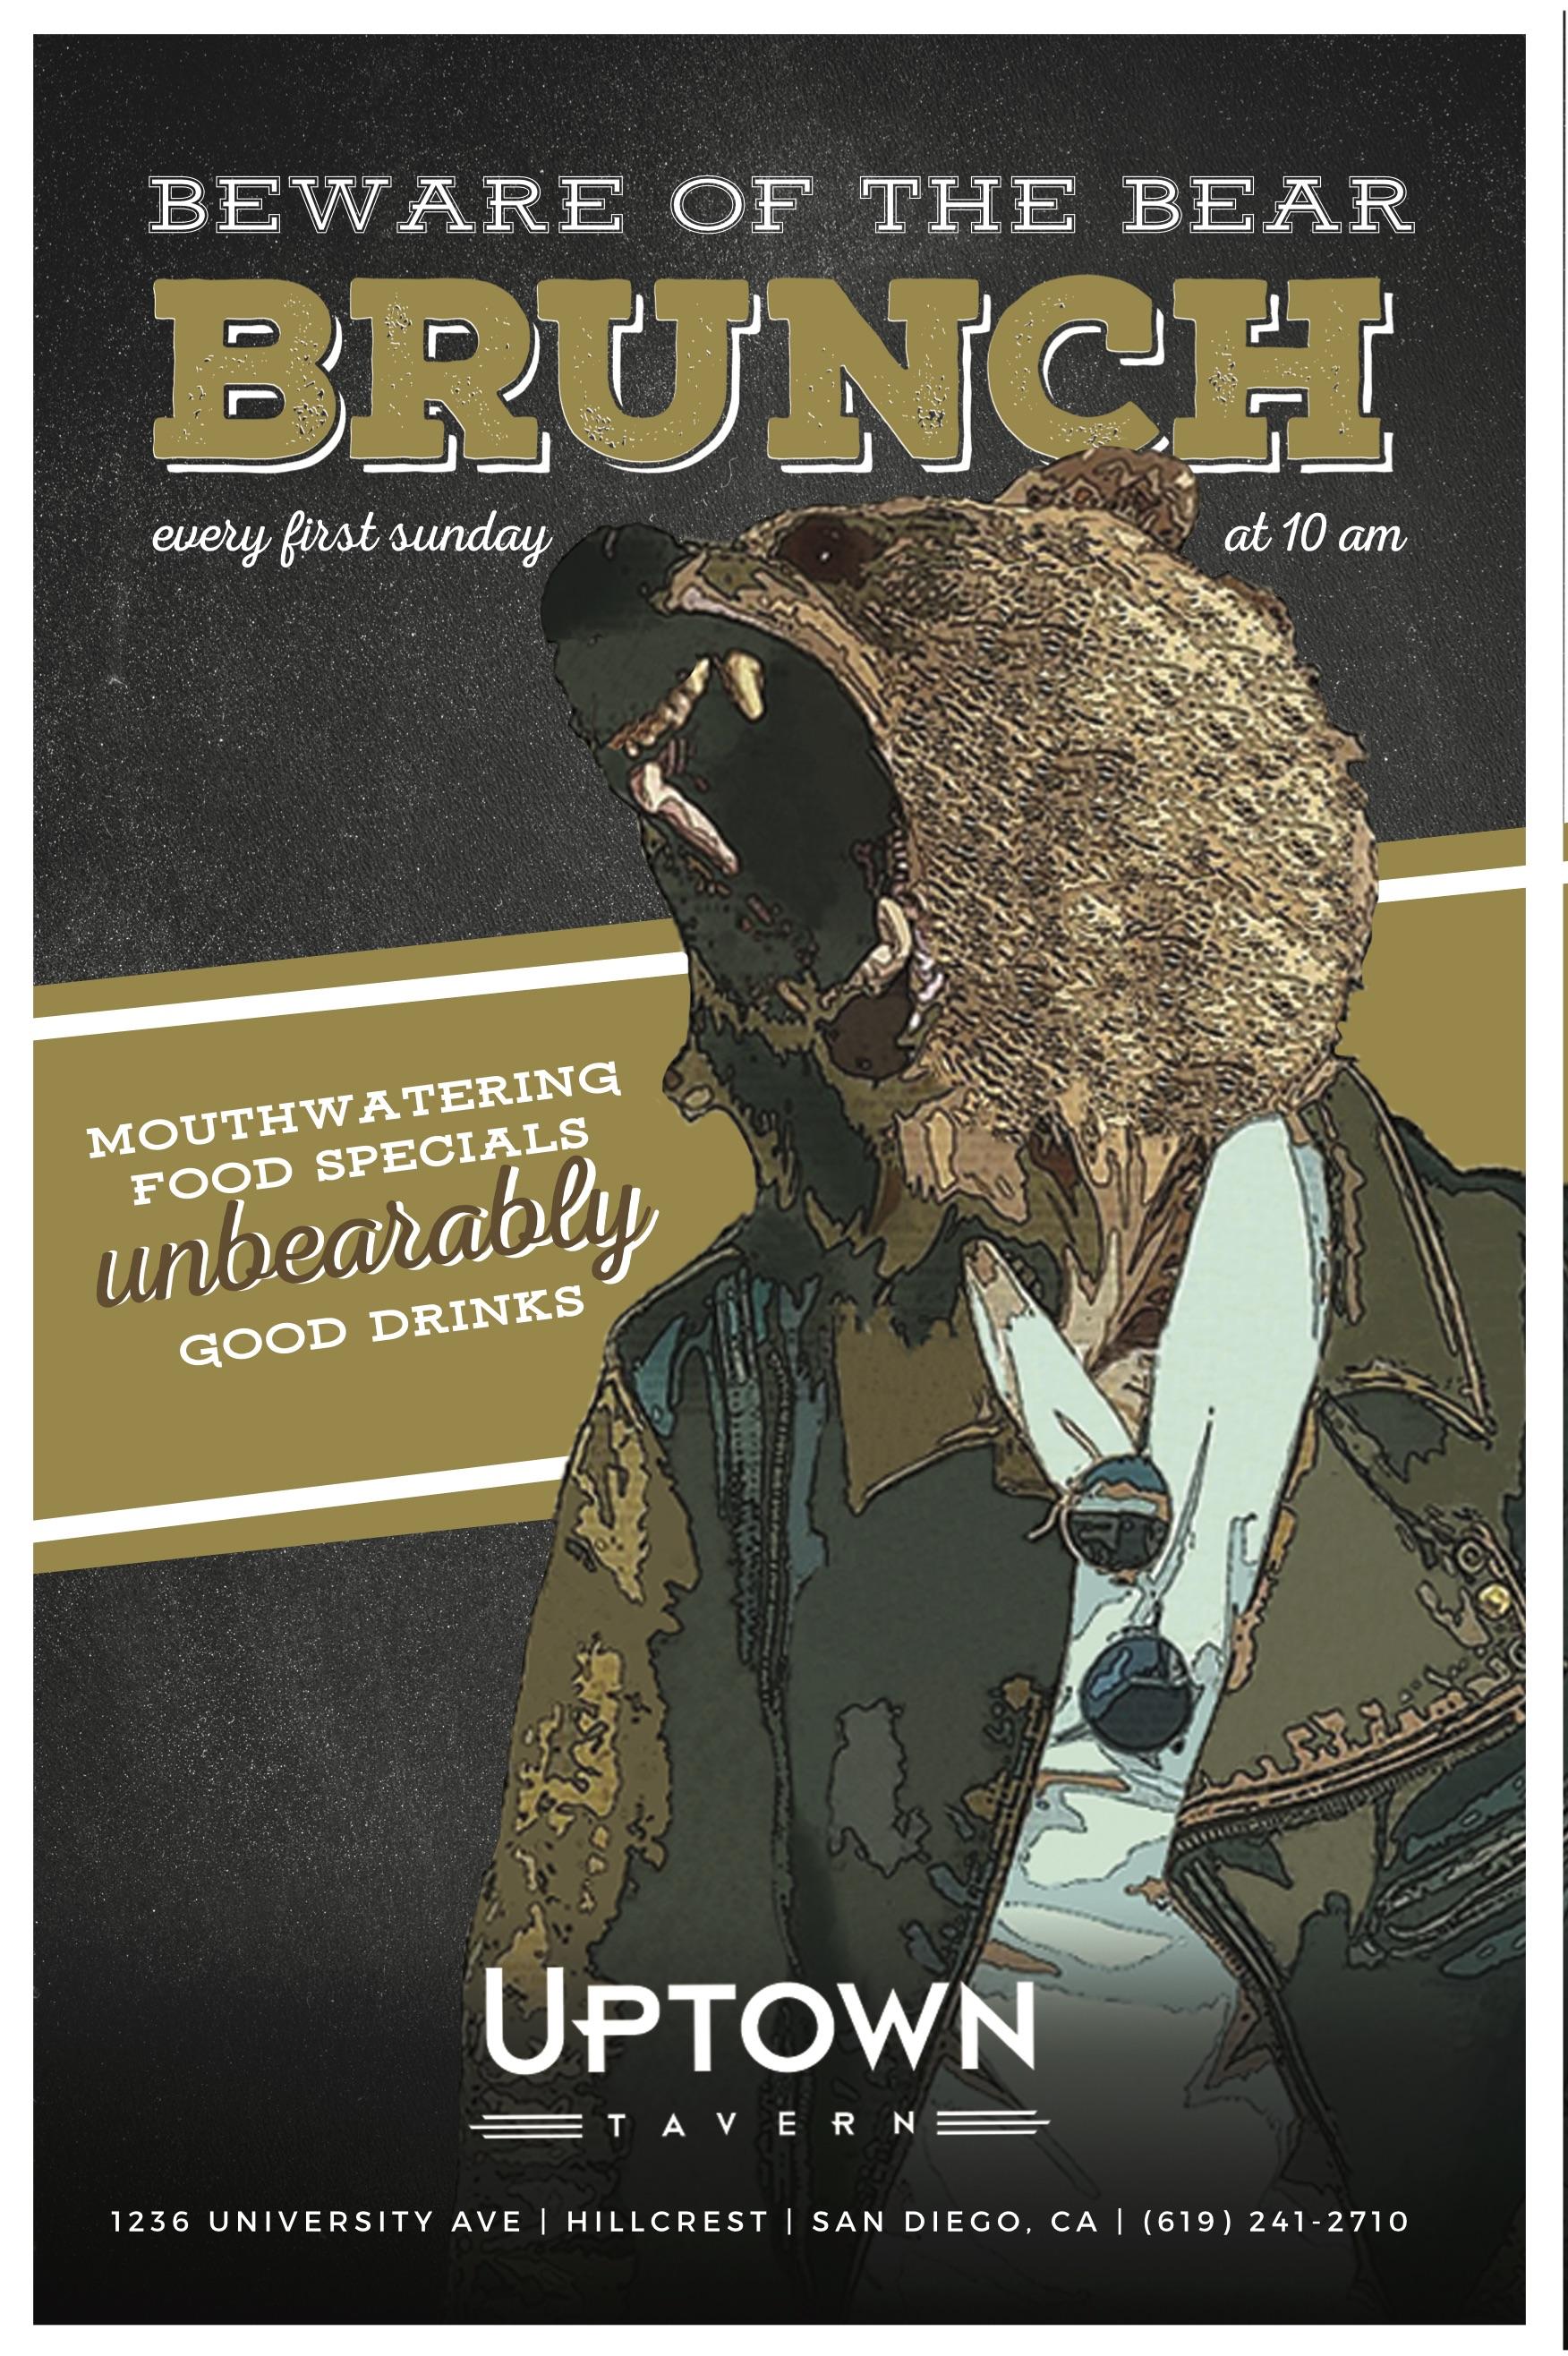 Uptown-BearBrunch-Poster.jpg